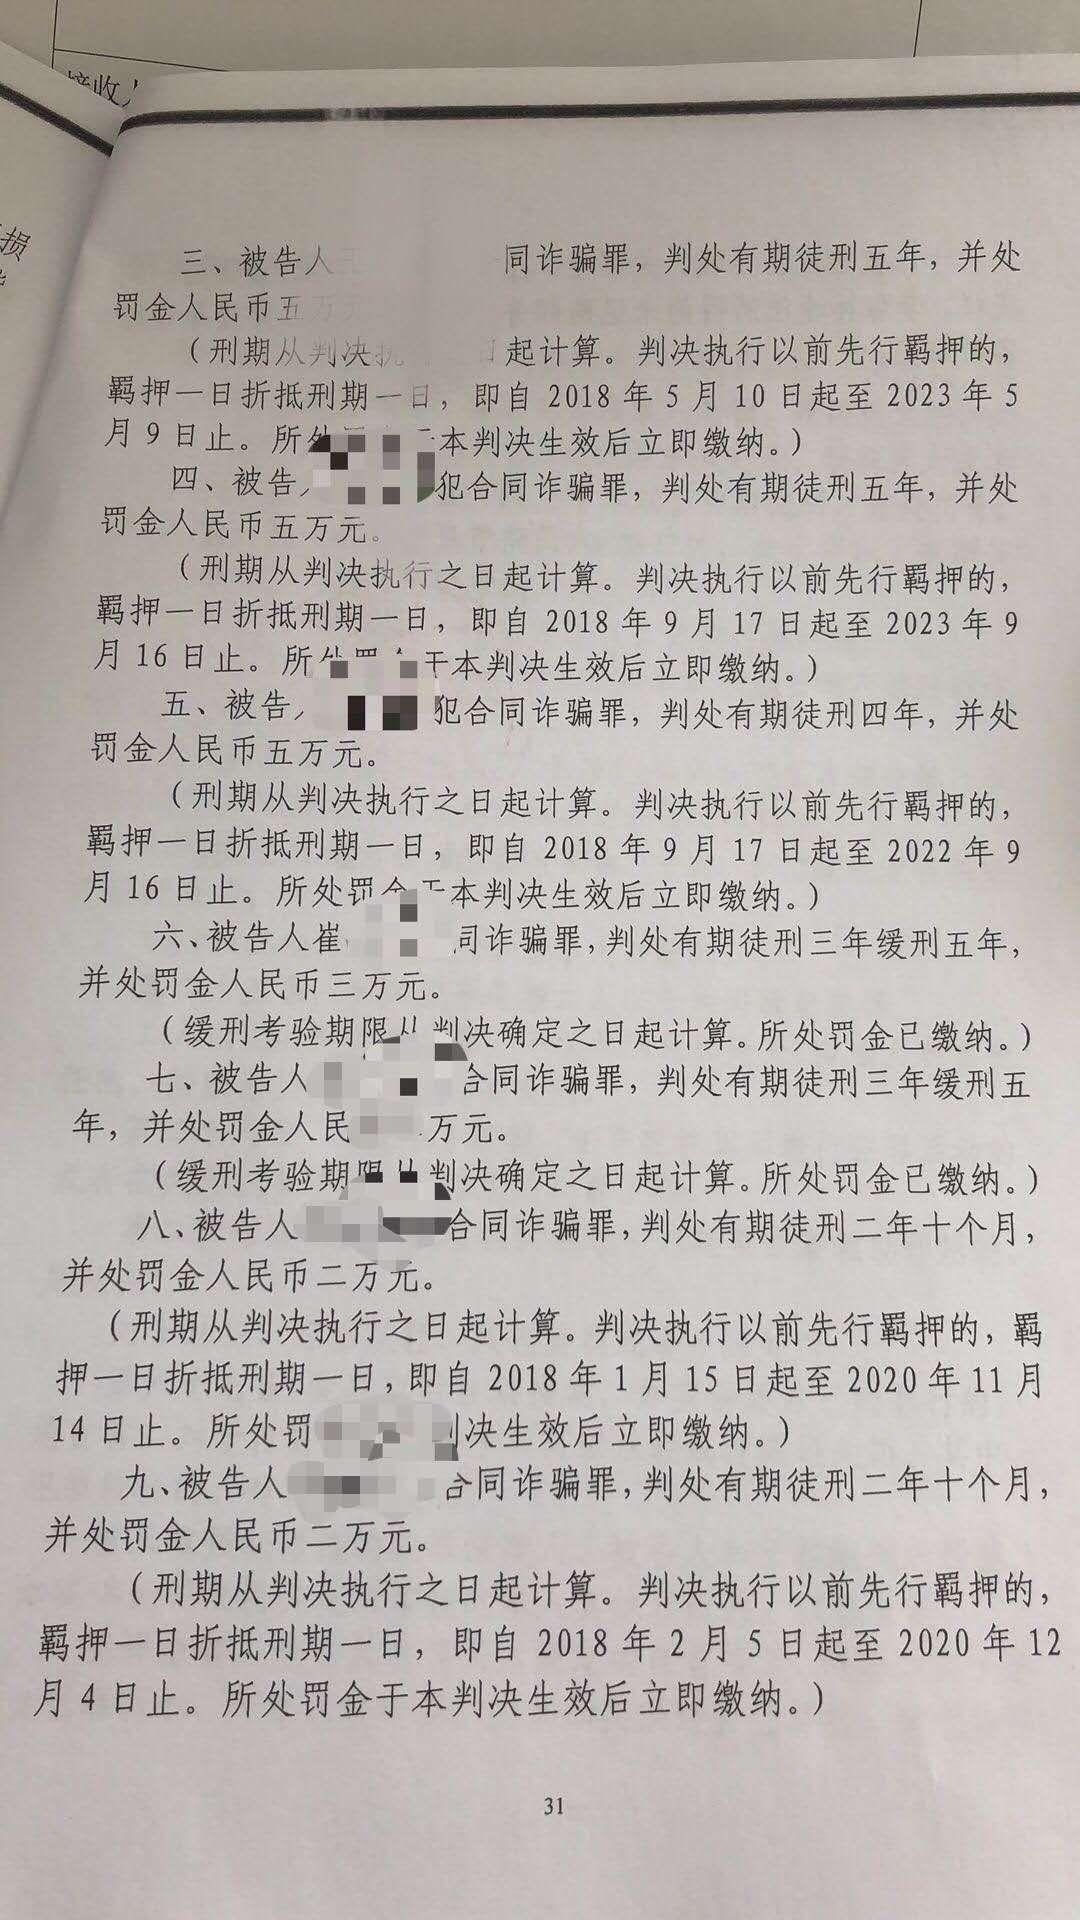 易鑫协力警方,破获特大汽车金融诈骗案